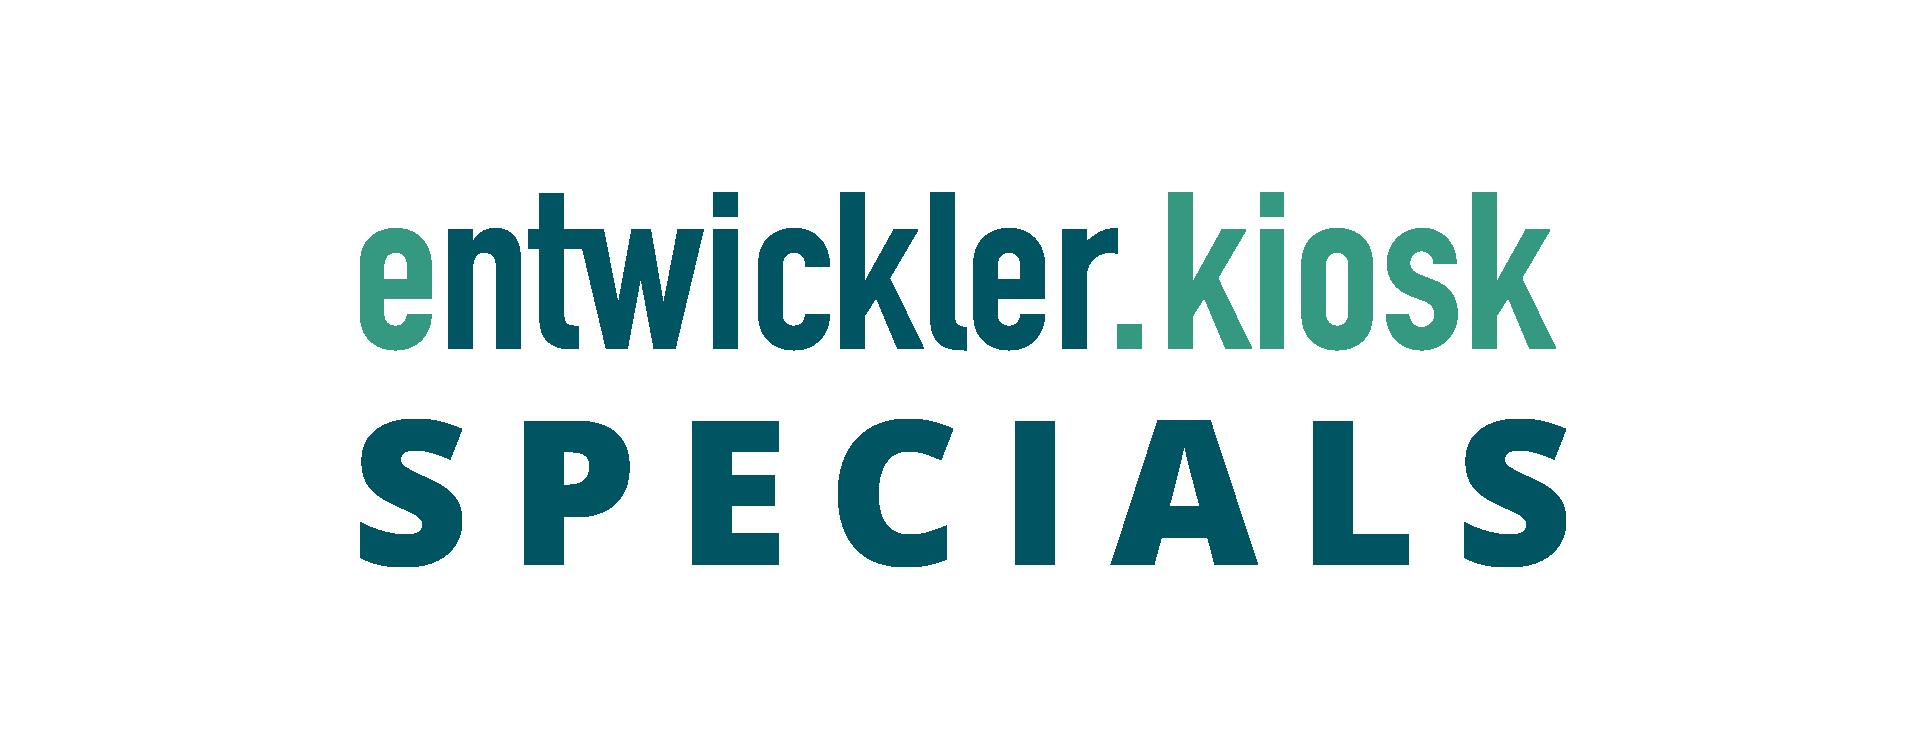 Kiosk Specials